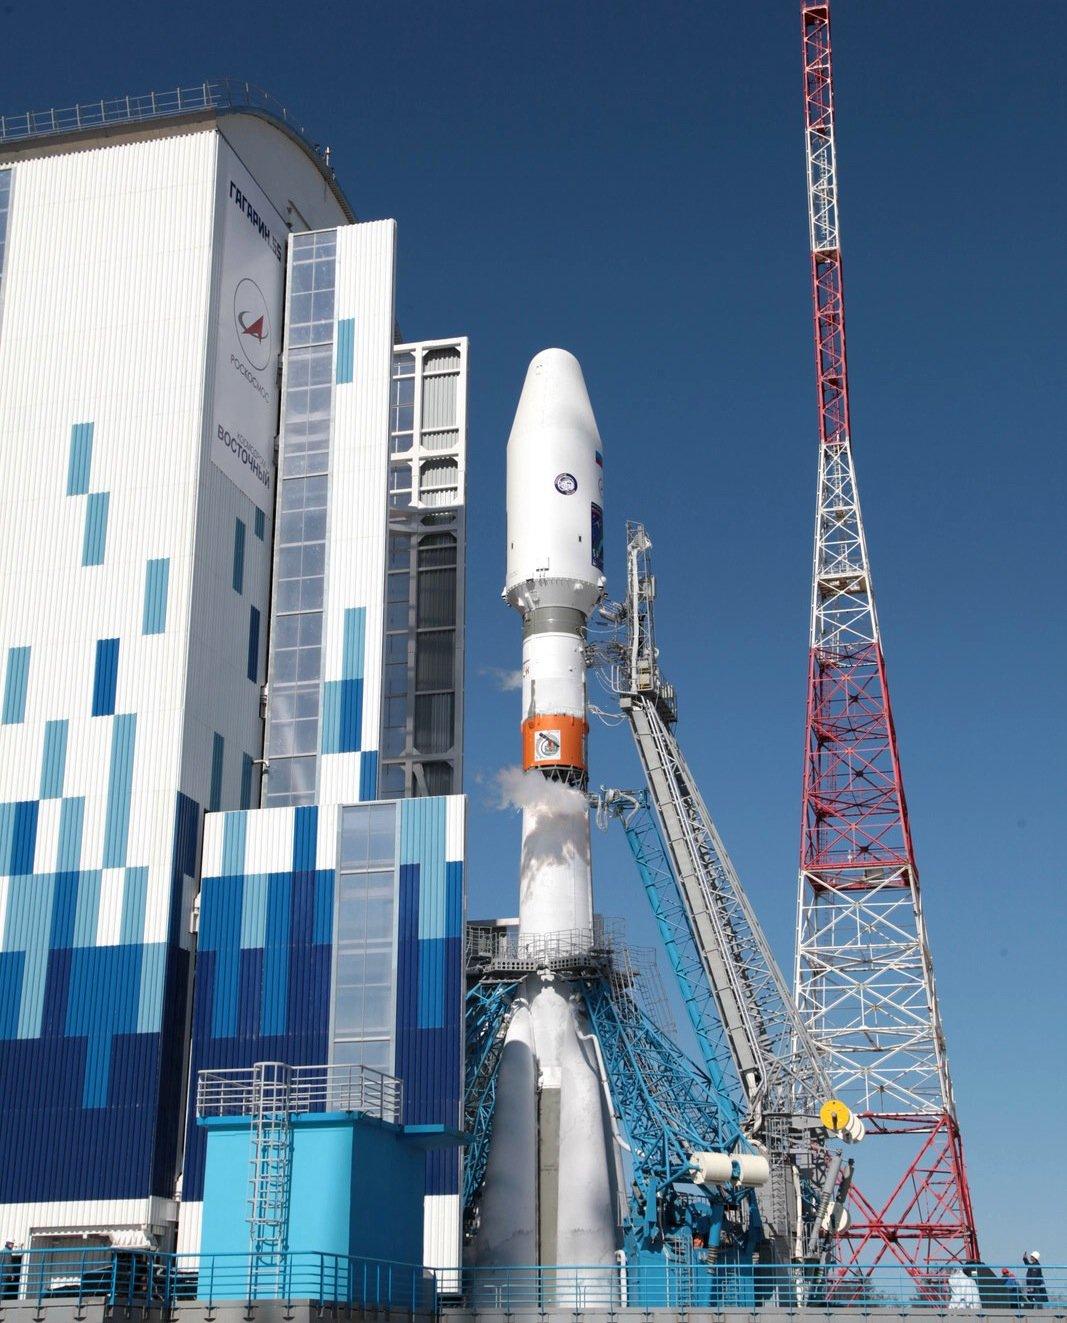 Der 52 m hohe Versorgungsturm auf demneuen Weltraumbahnhof Wostotschny. Die Ingenieure können darin selbst bei minus 50° Celsius geschützt arbeiten.